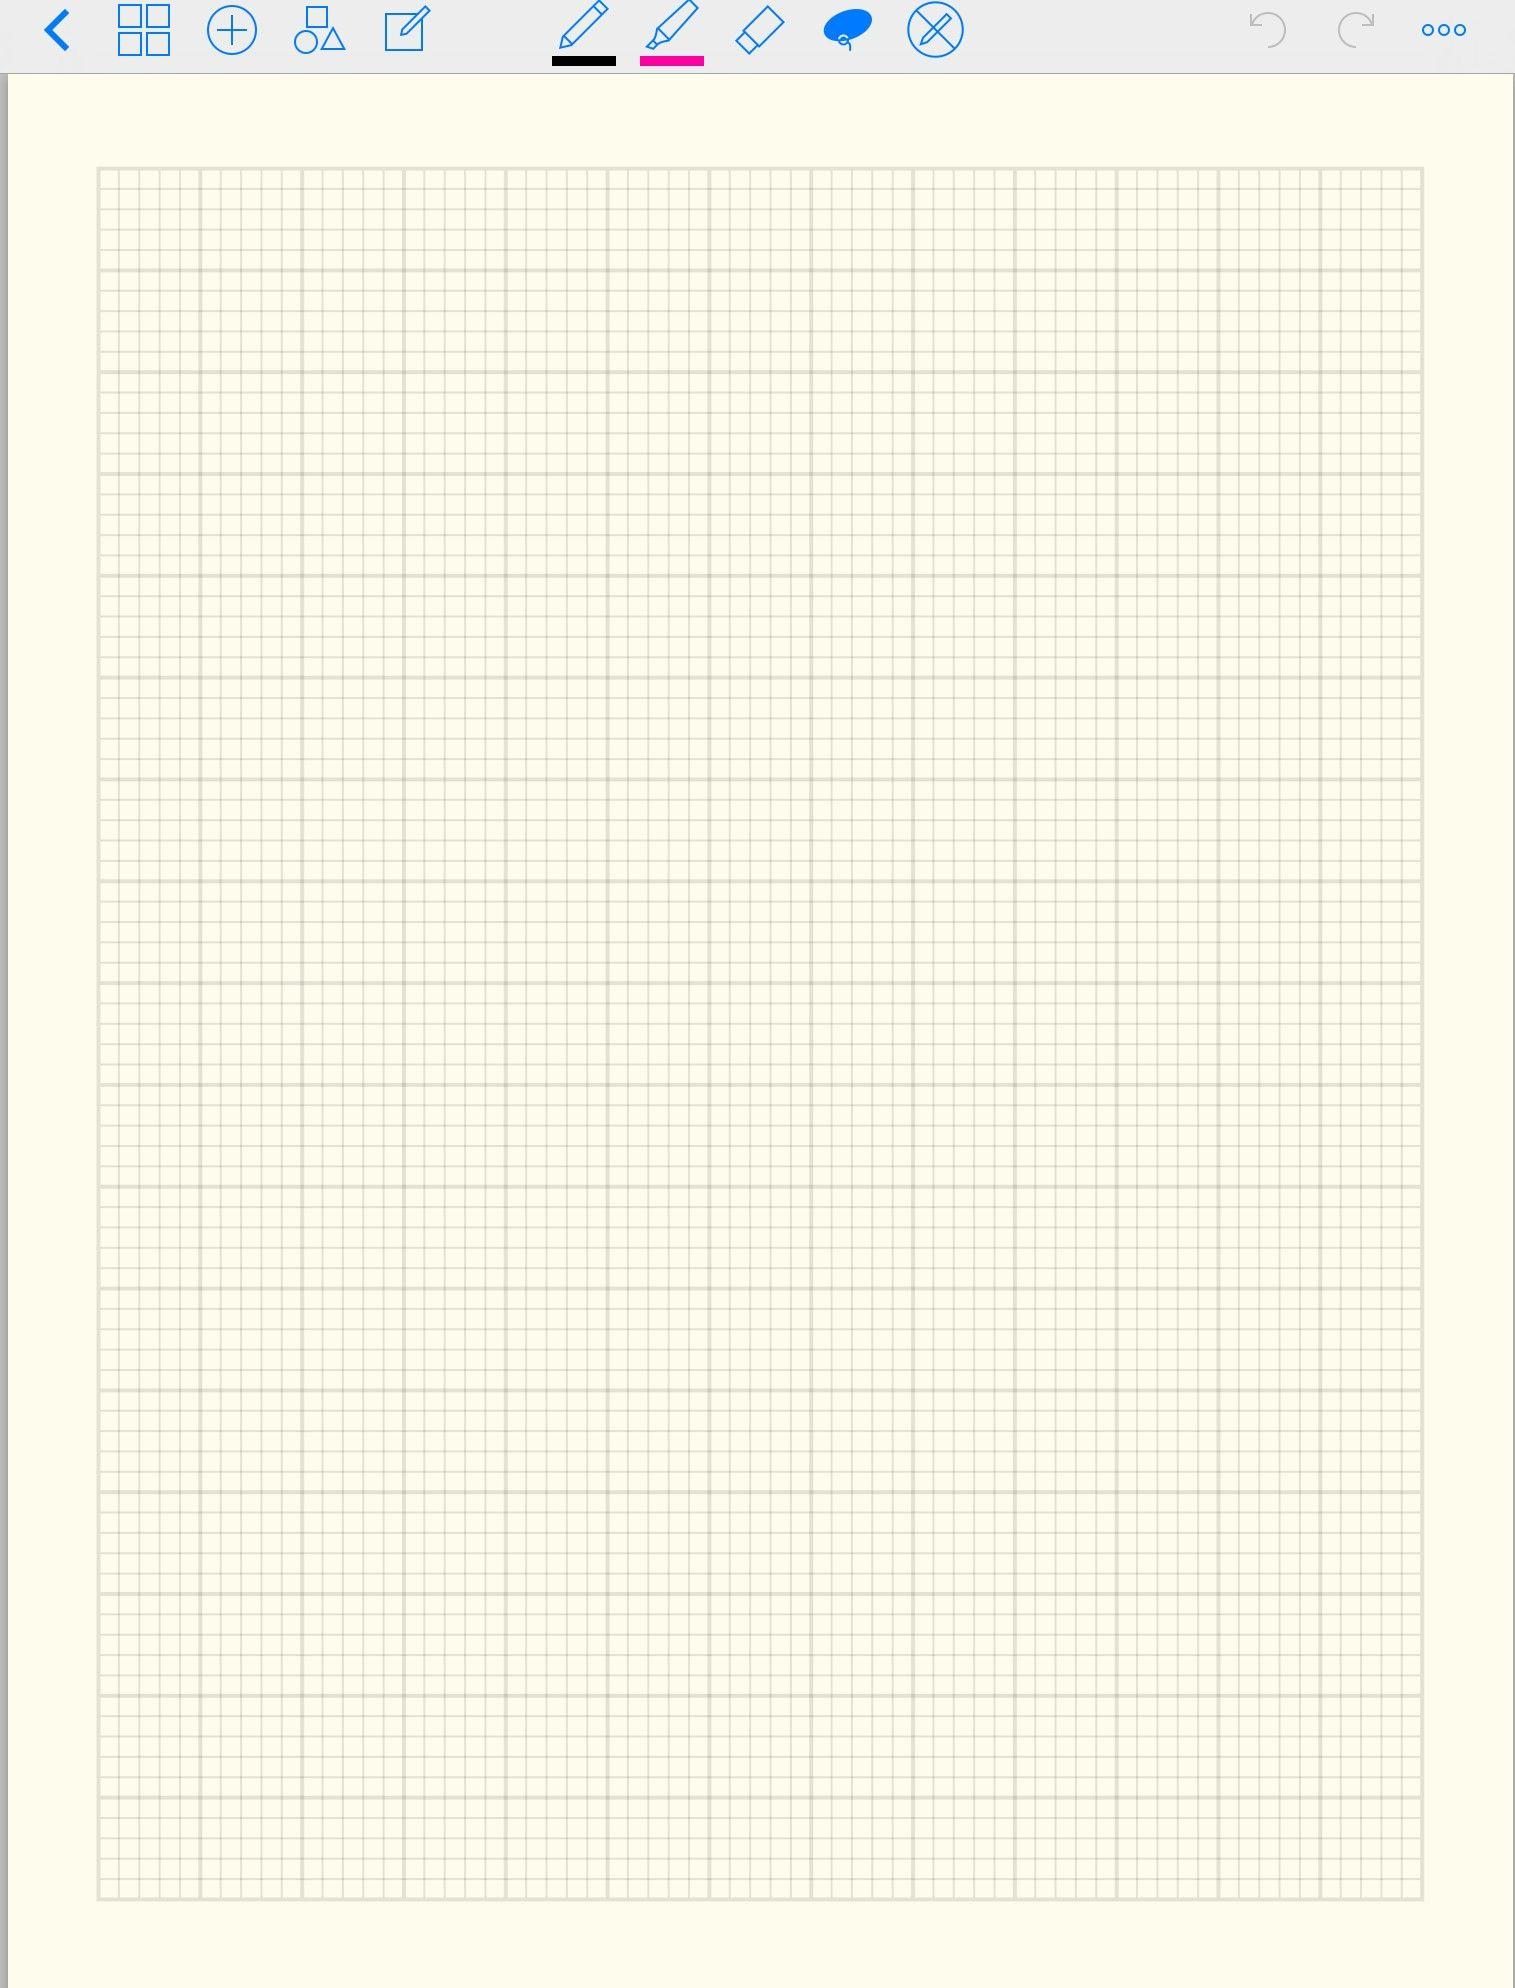 Einzigartig Kariertes Blatt Din A4 #färbung #malvorlagen über Karierte Blätter